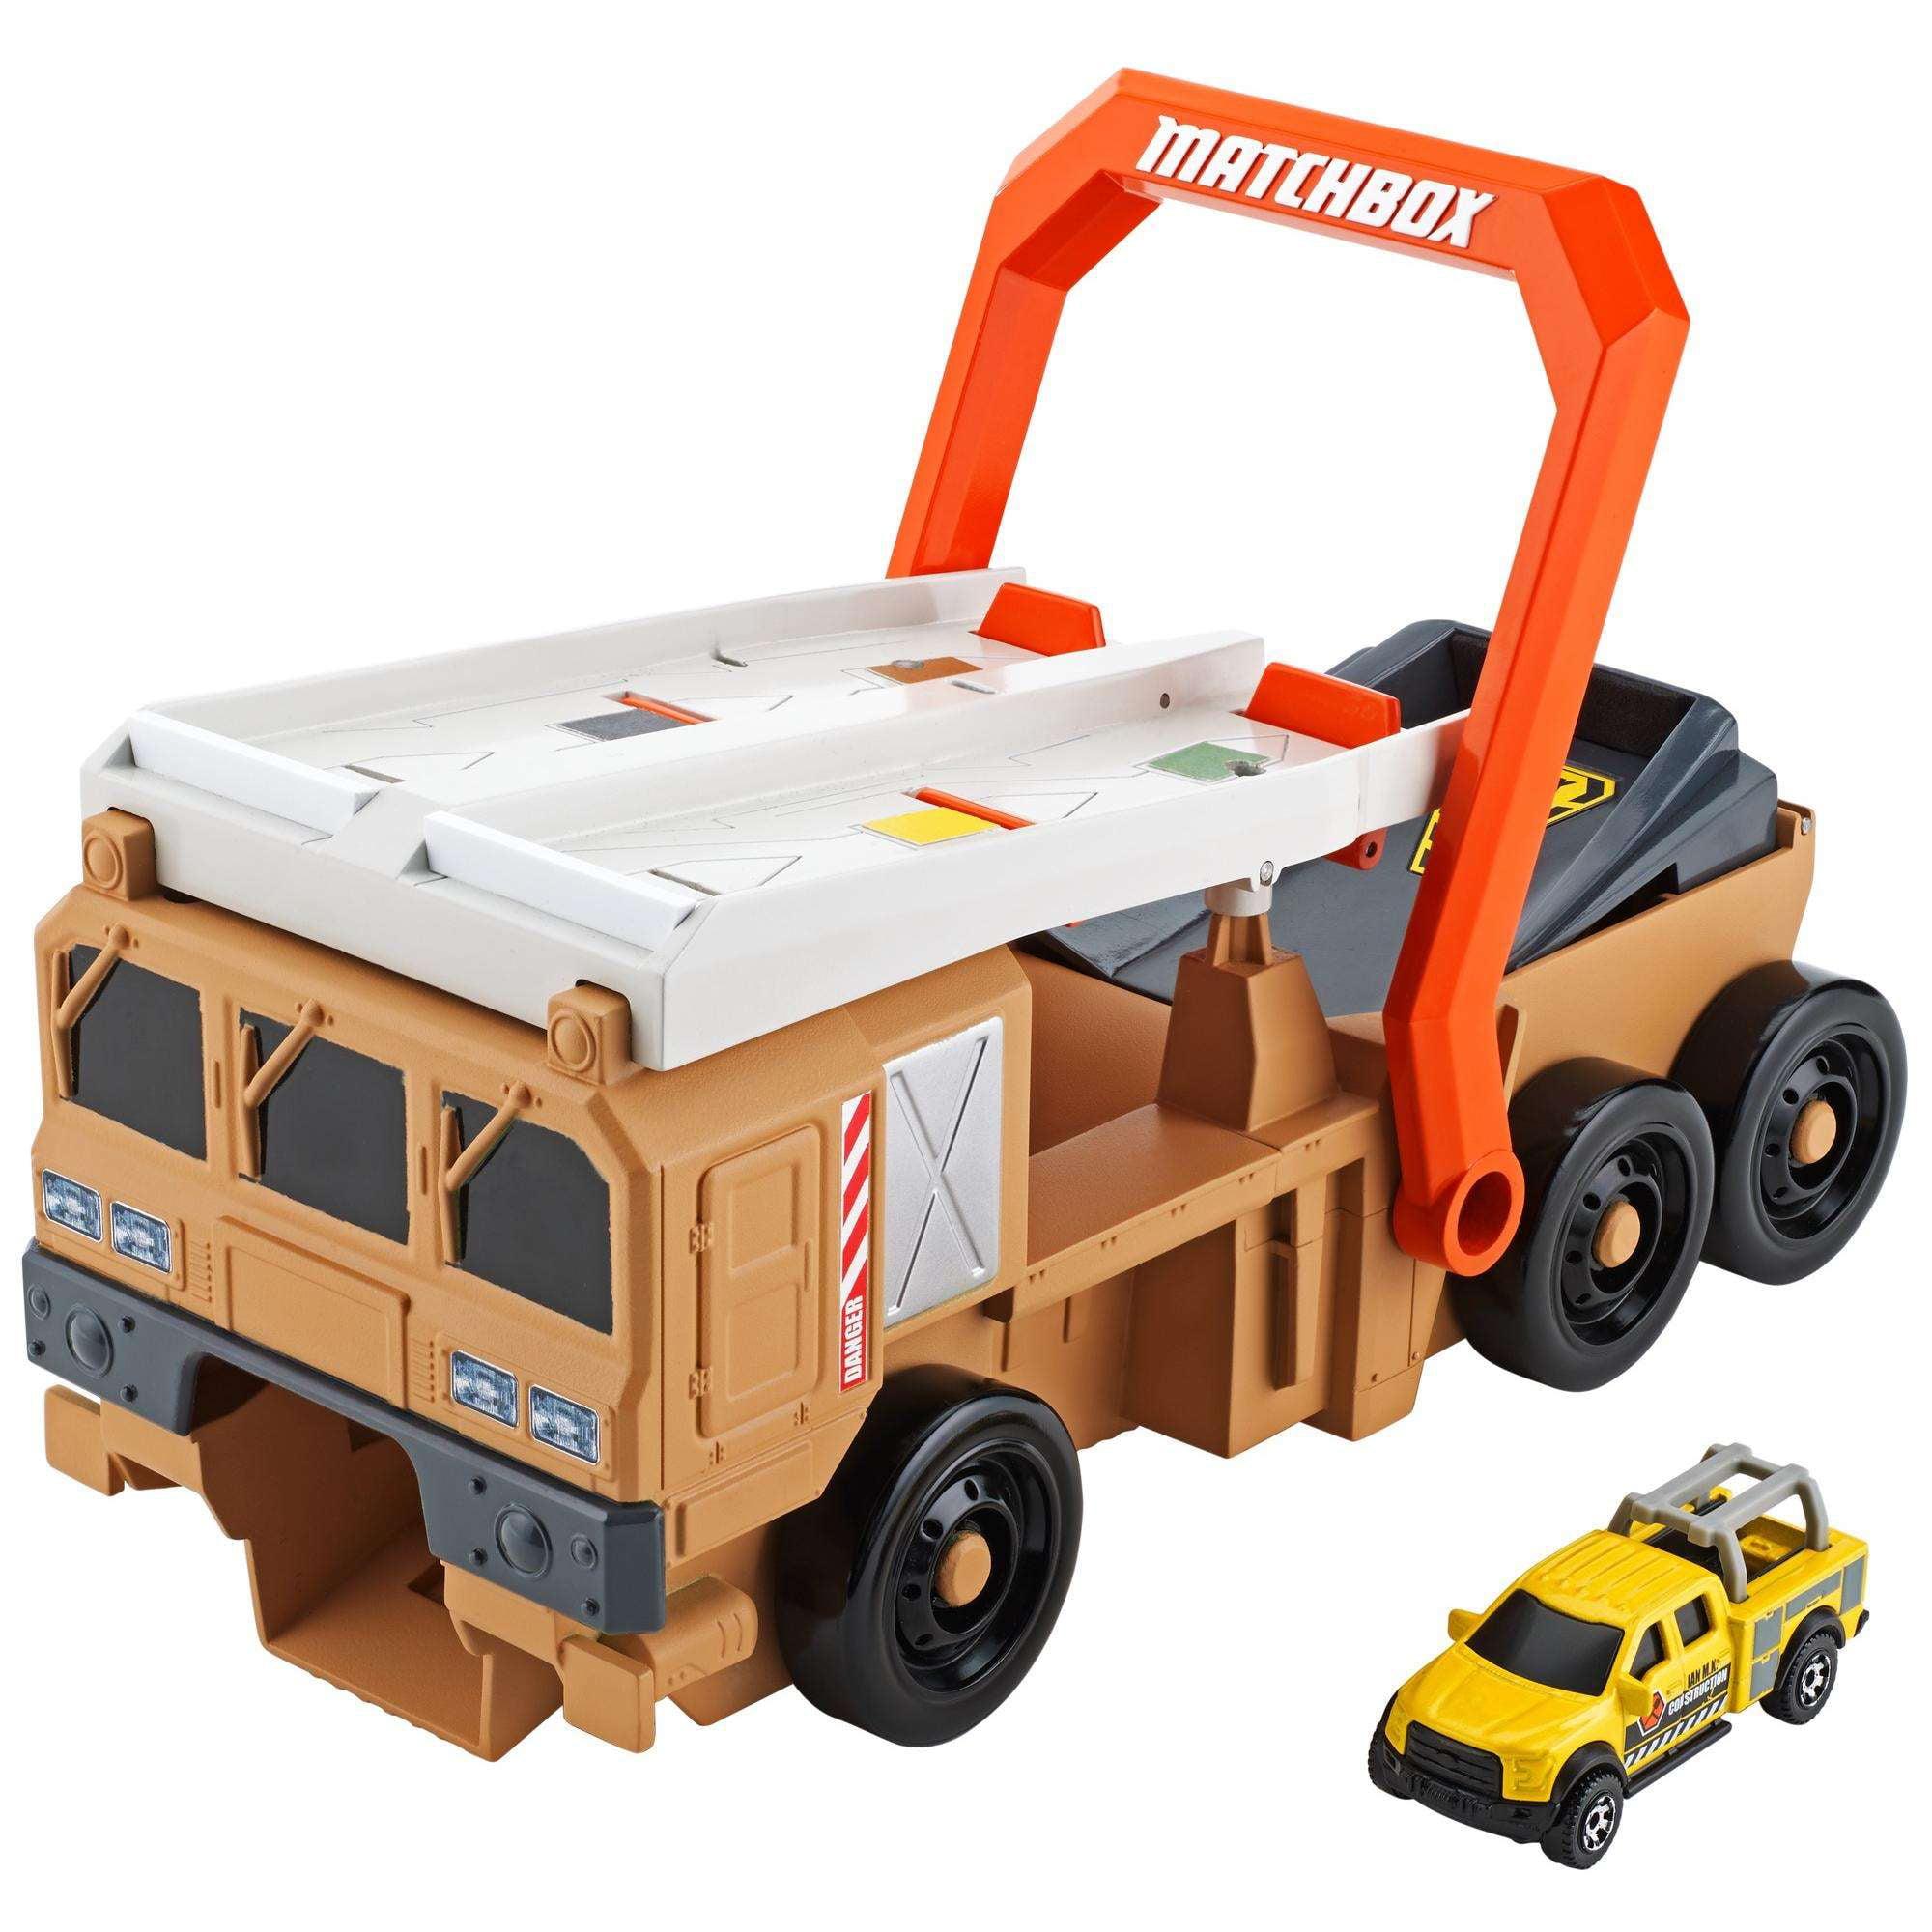 Matchbox Power Launcher Military Truck by Mattel